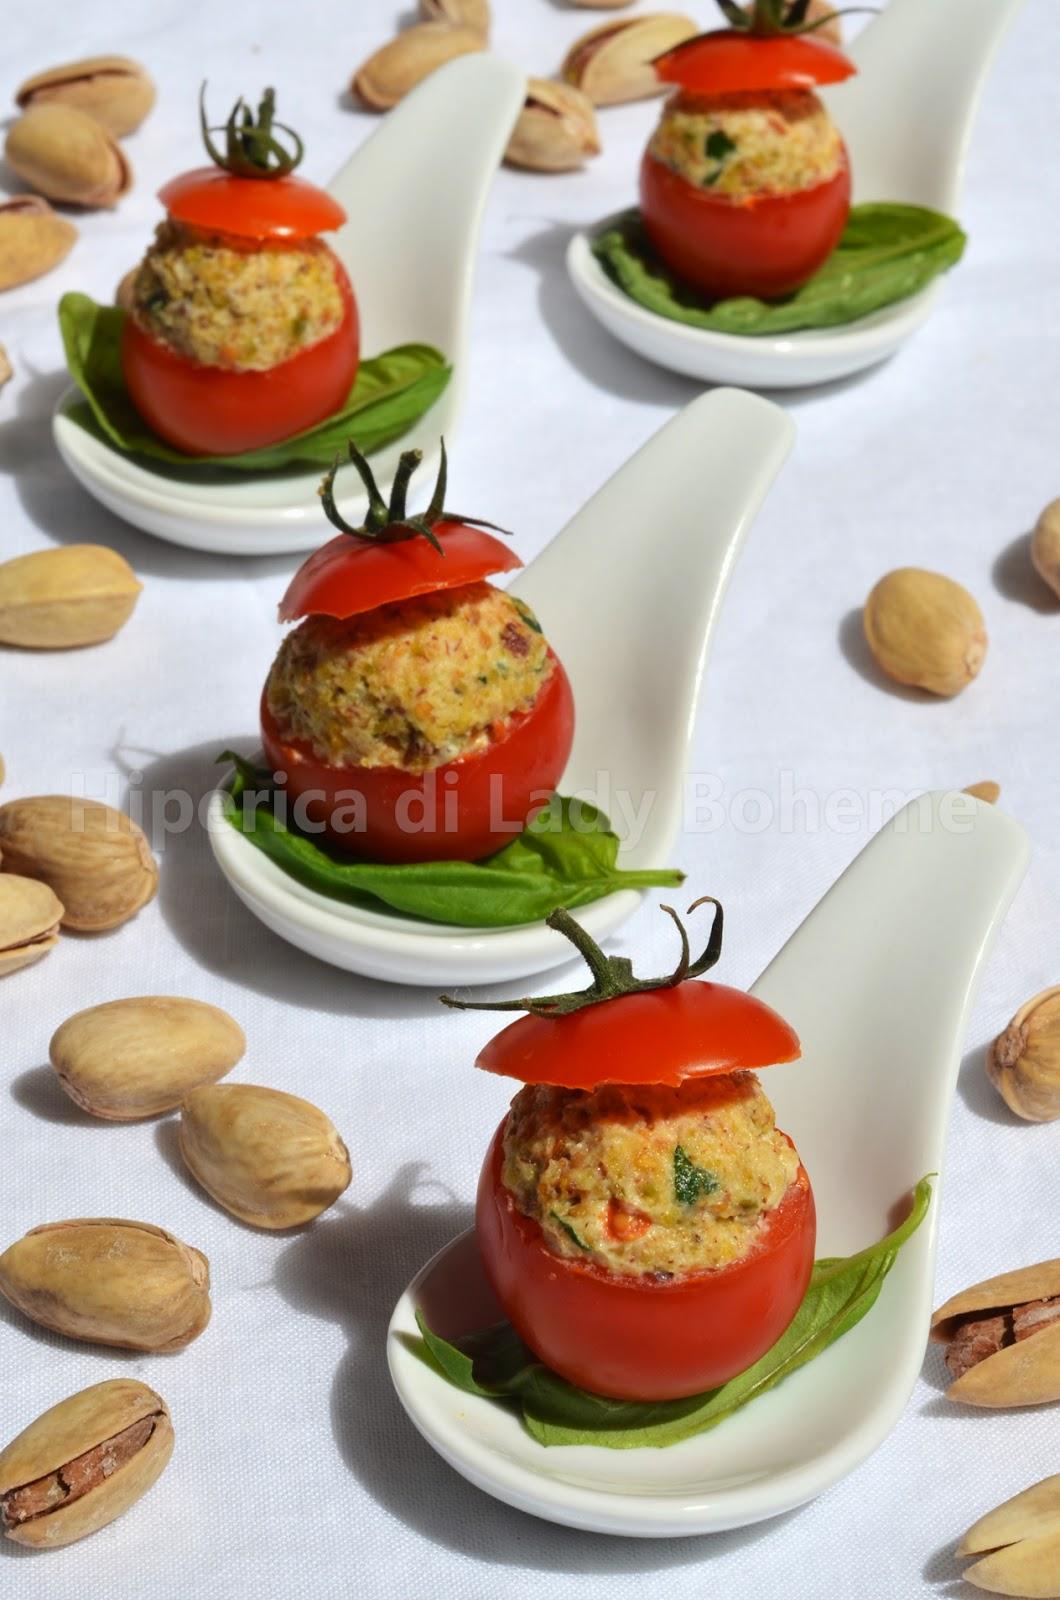 hiperica_lady_boheme_blog_cucina_ricette_gustose_facili_veloci_pomodori_pachino_ripieni_freddi_2